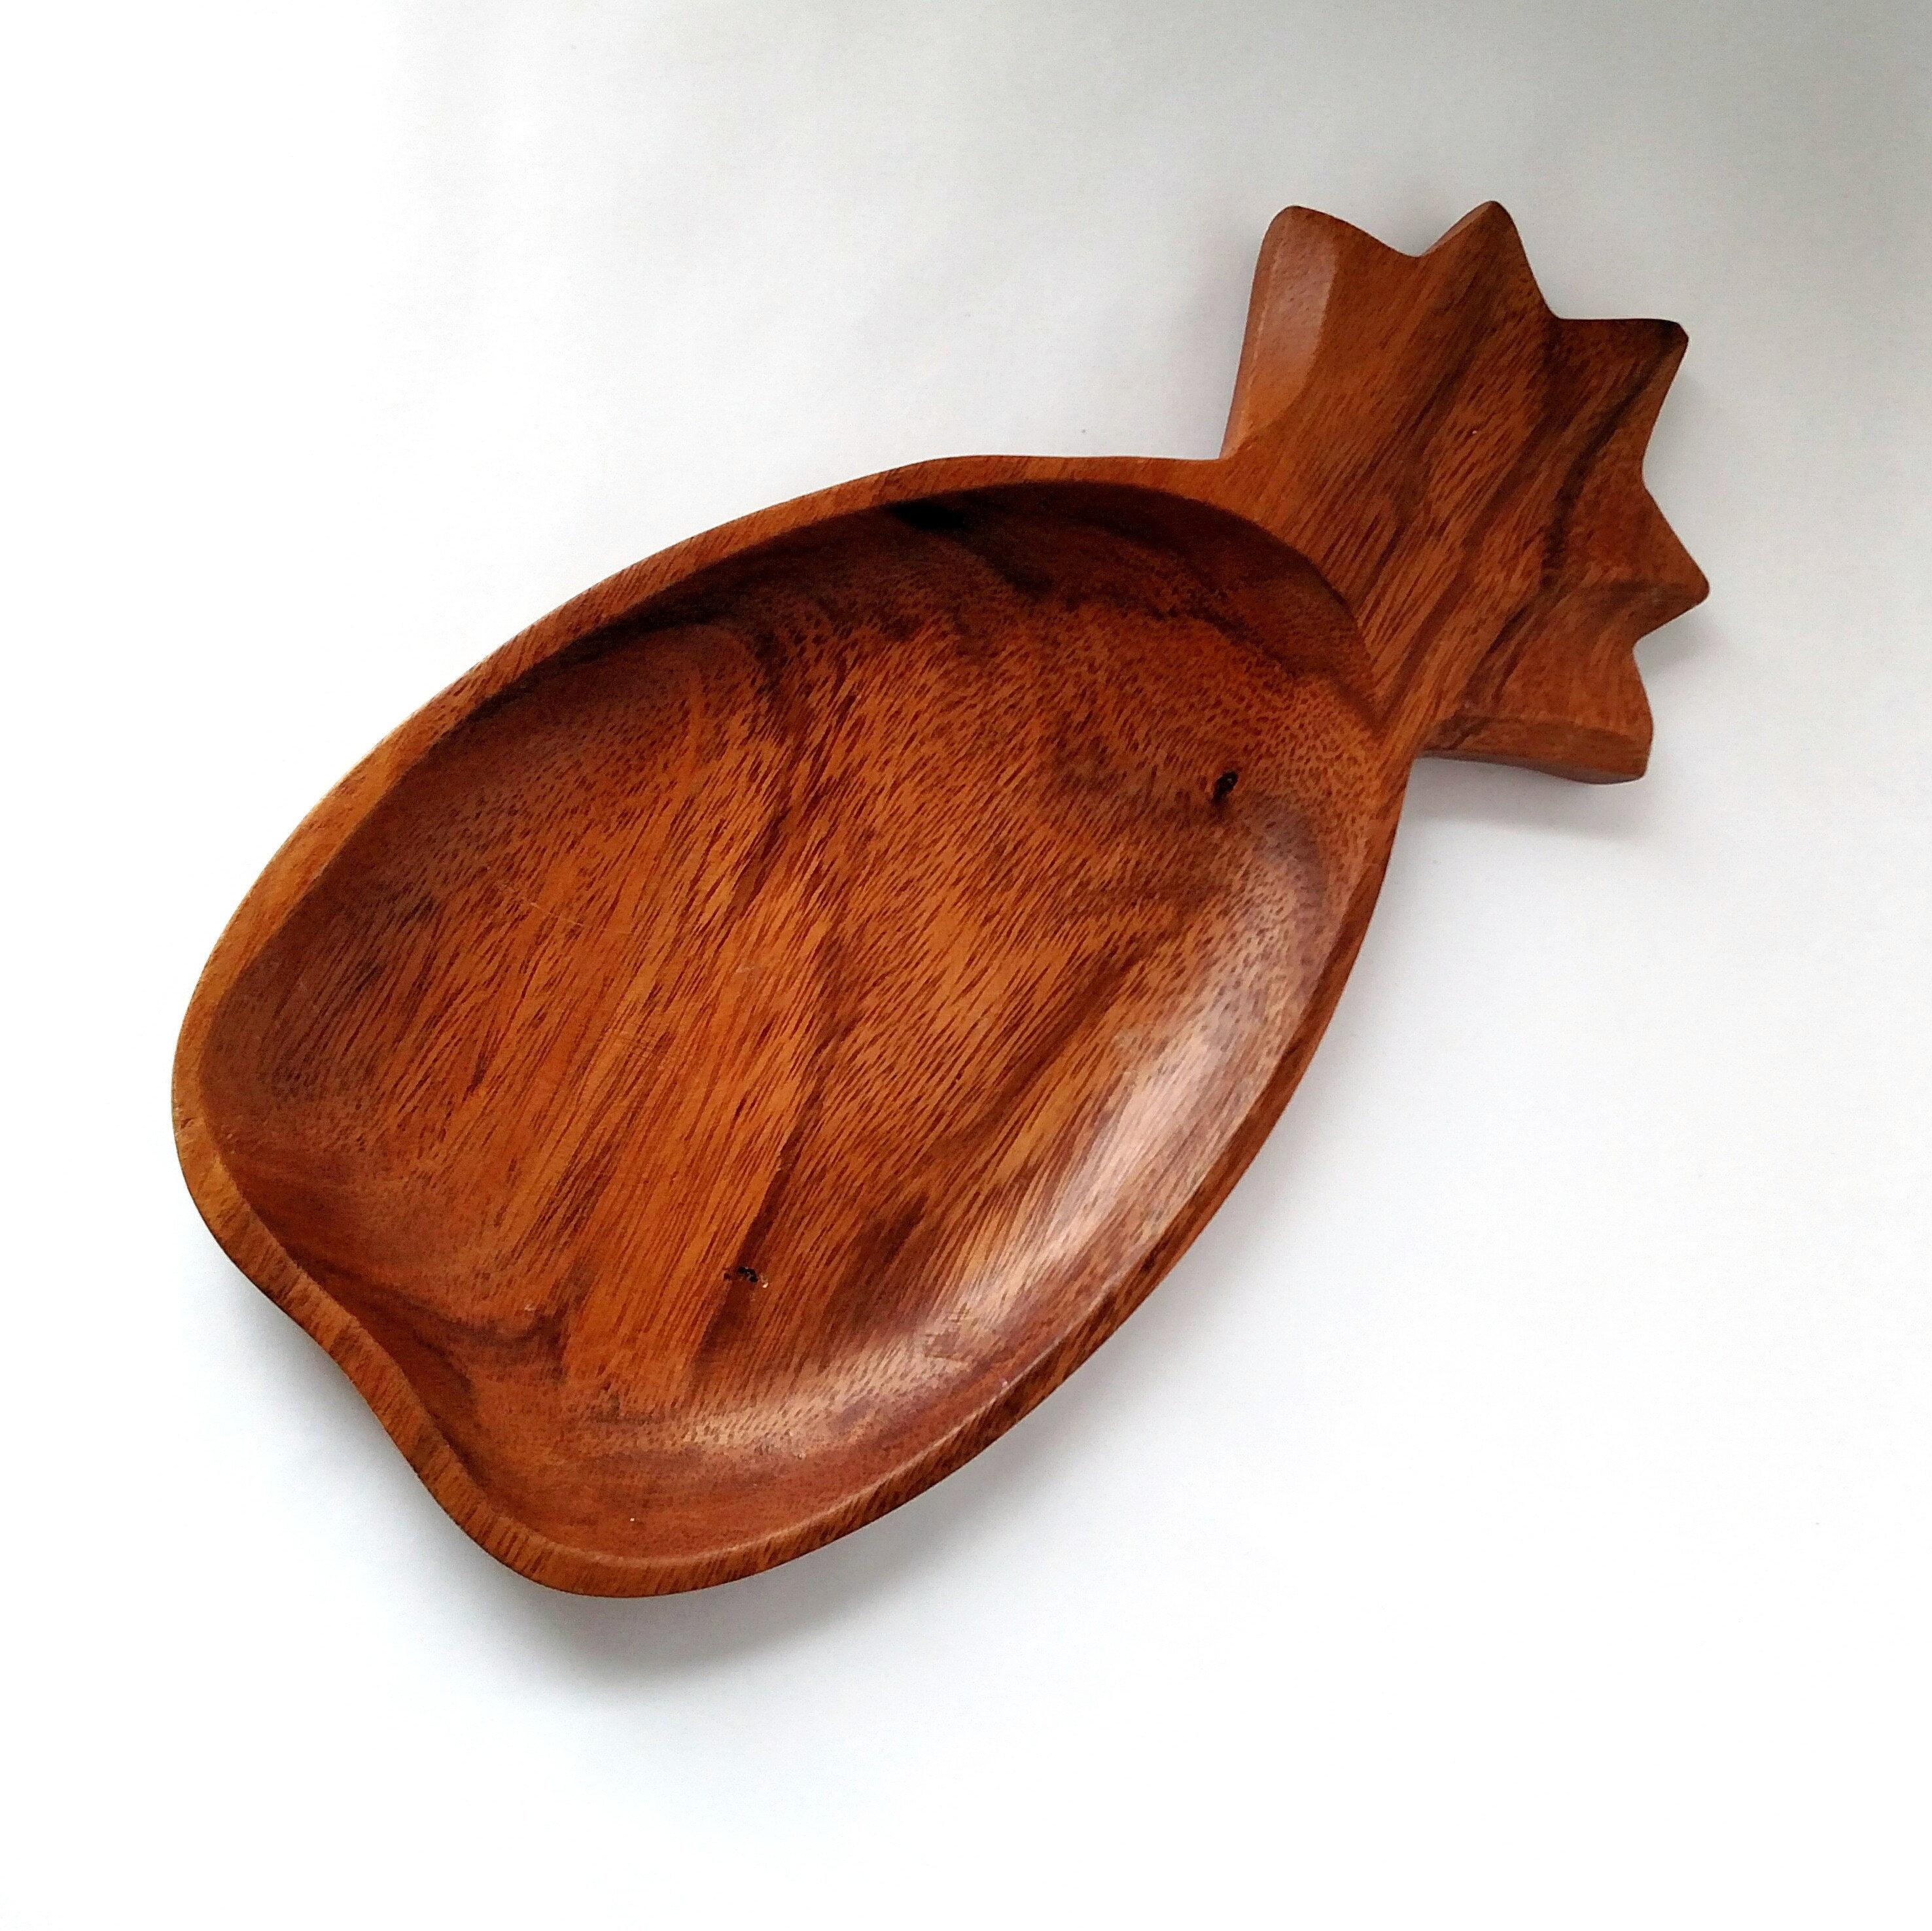 Vintage Retro Tiki Monkeypod Wood Pineapple Tray